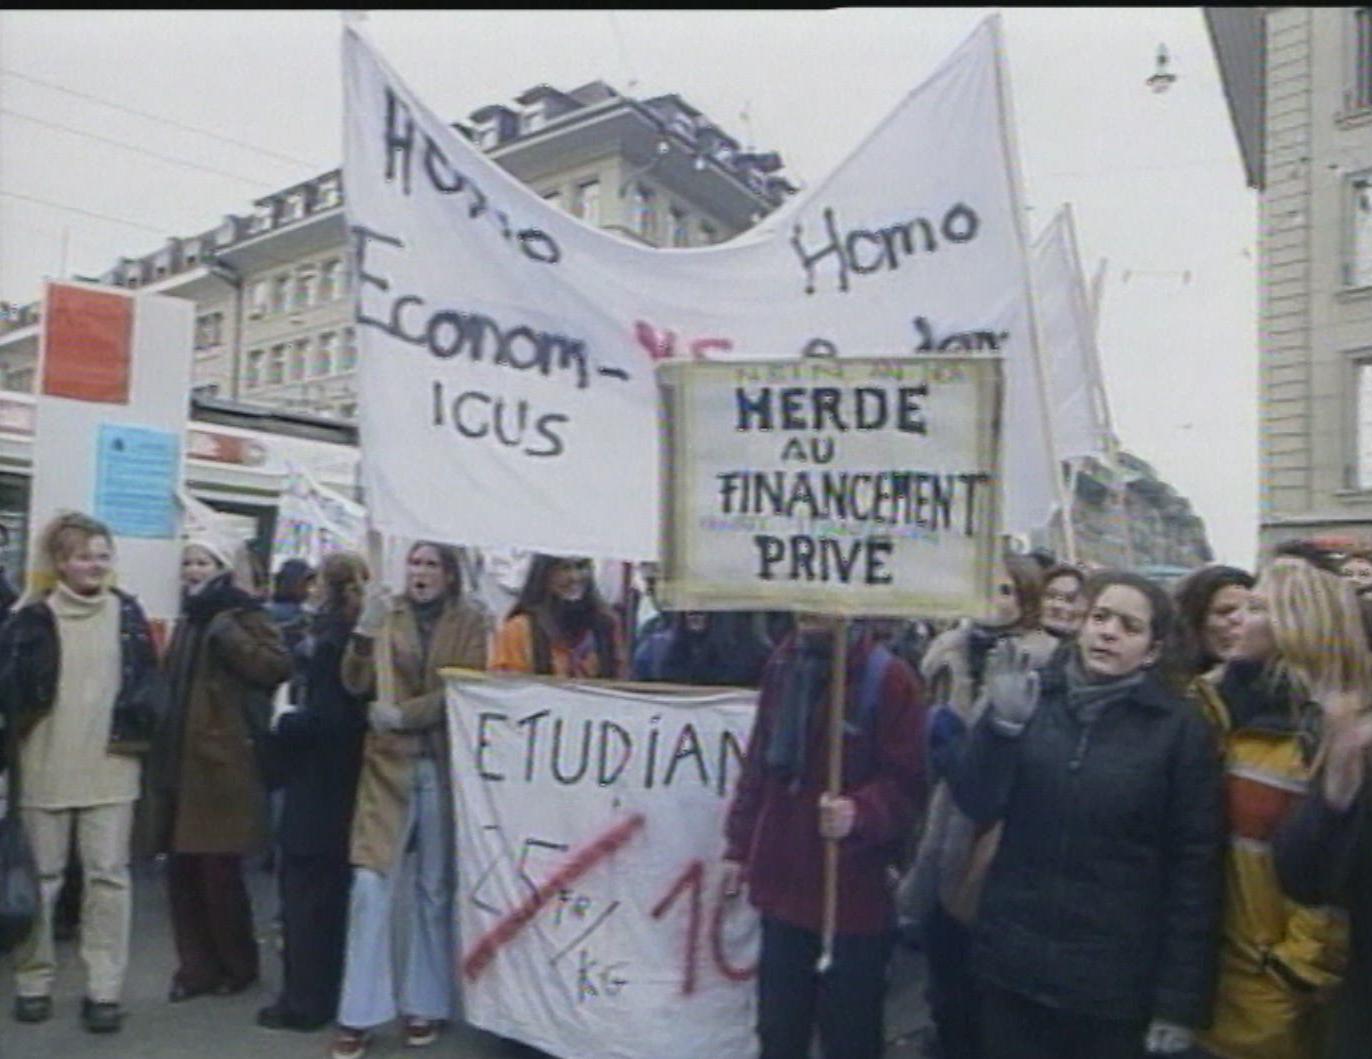 Etudiants en grève